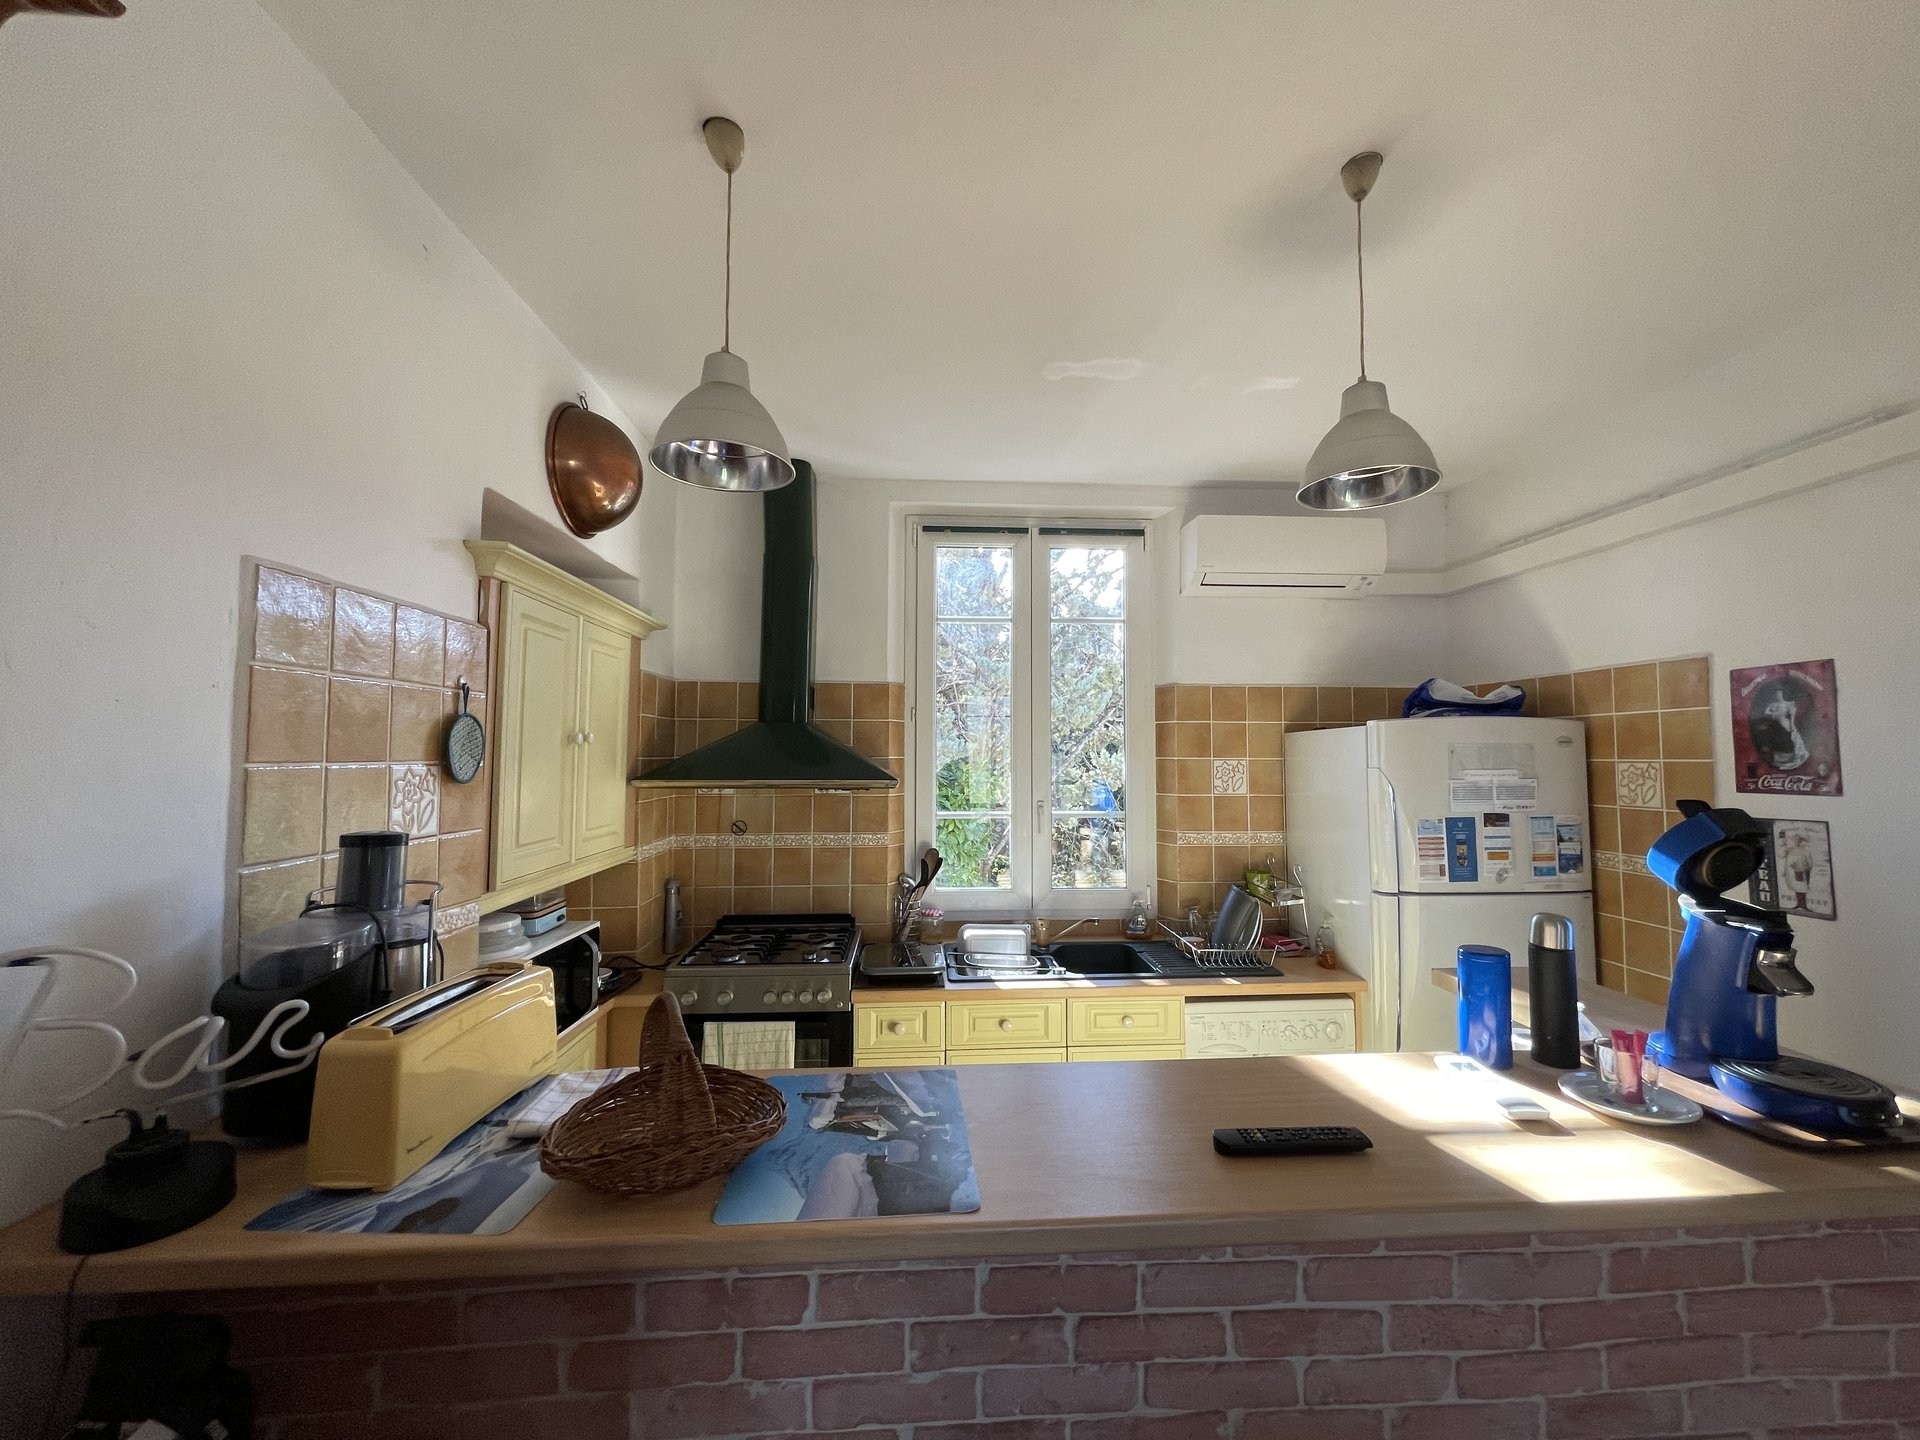 3 værelses lejlighed med udsigt over Estérel og smuk havudsigt